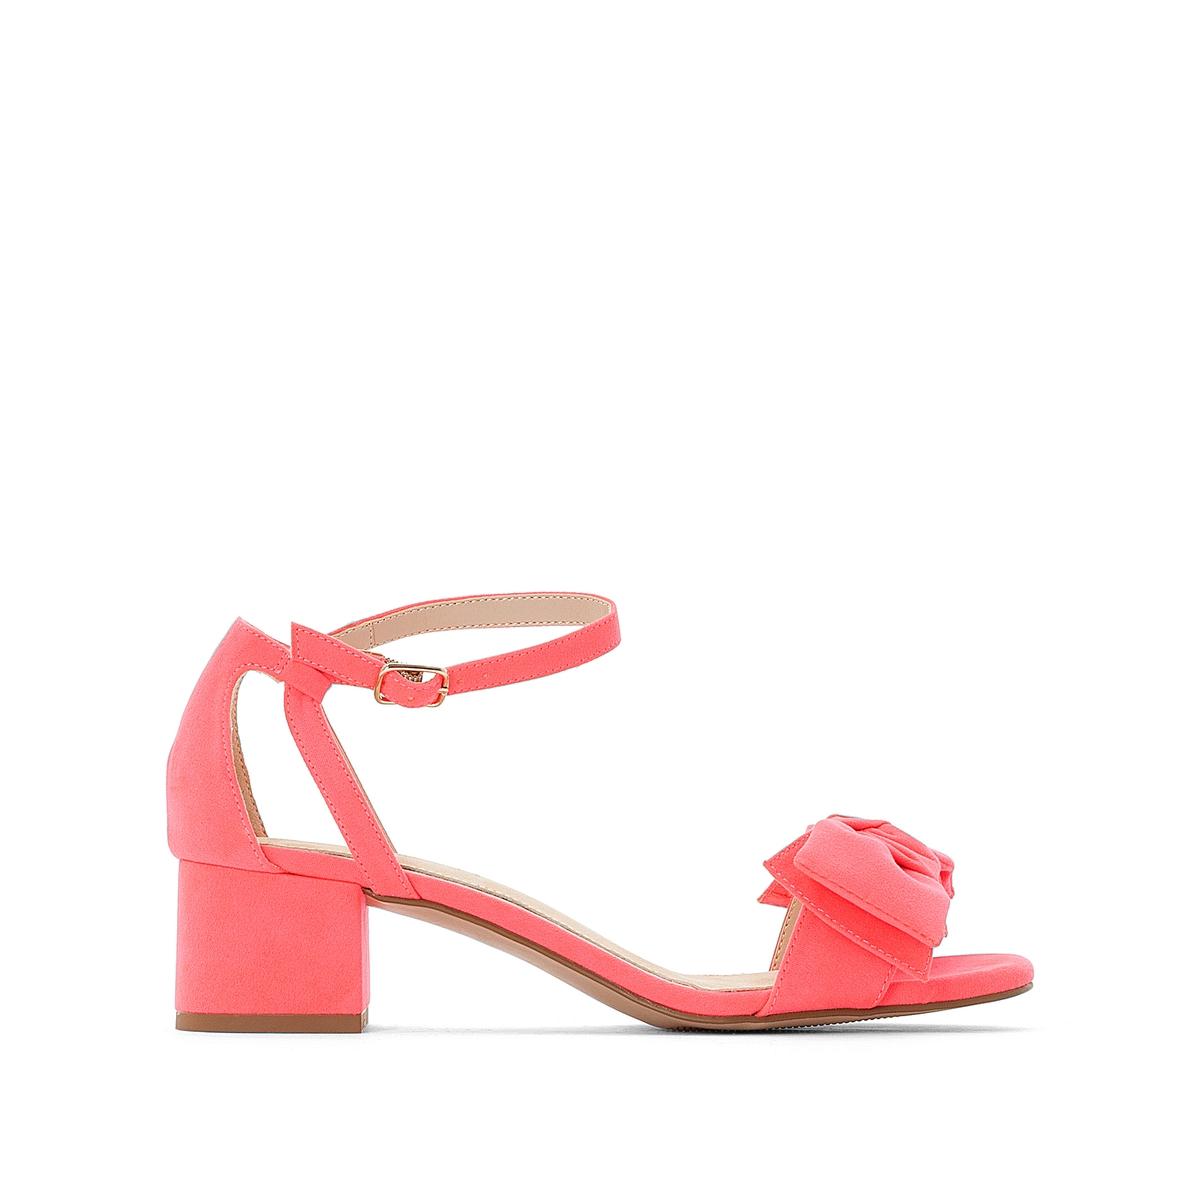 цена Босоножки La Redoute На широком каблуке с бантиком 36 розовый онлайн в 2017 году